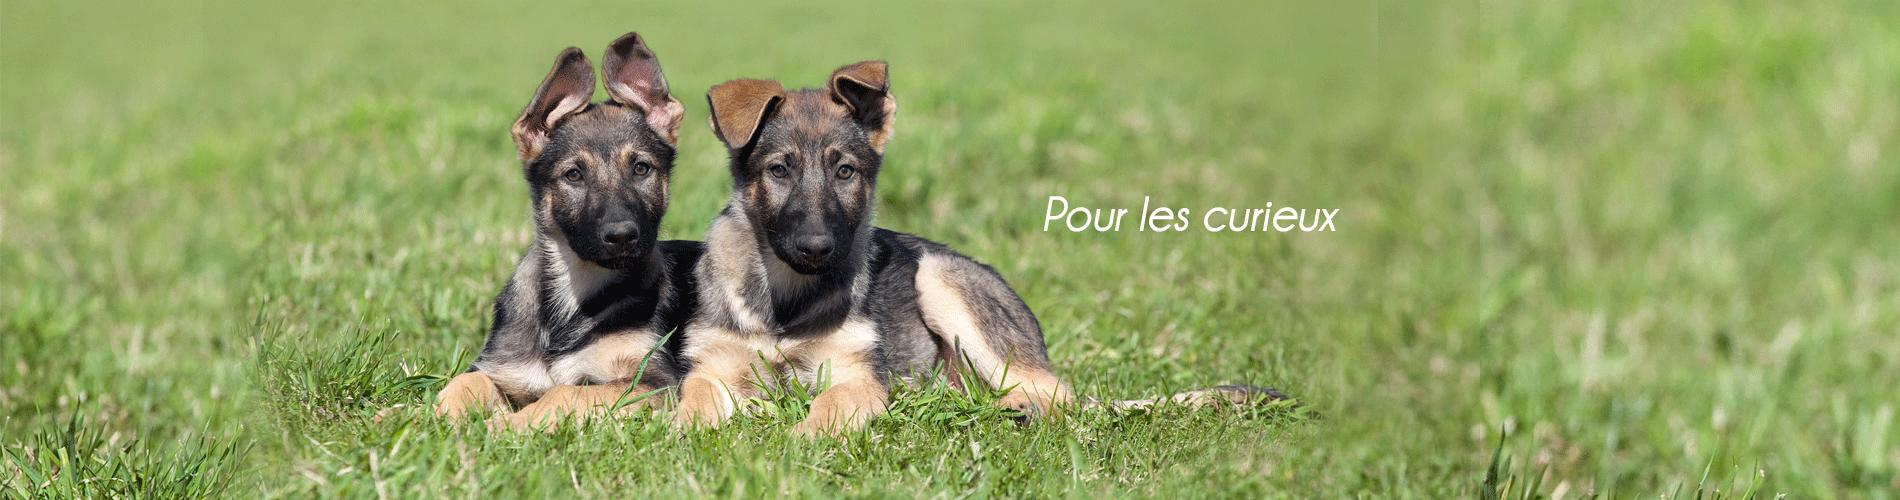 pension chien bourgogne dijon